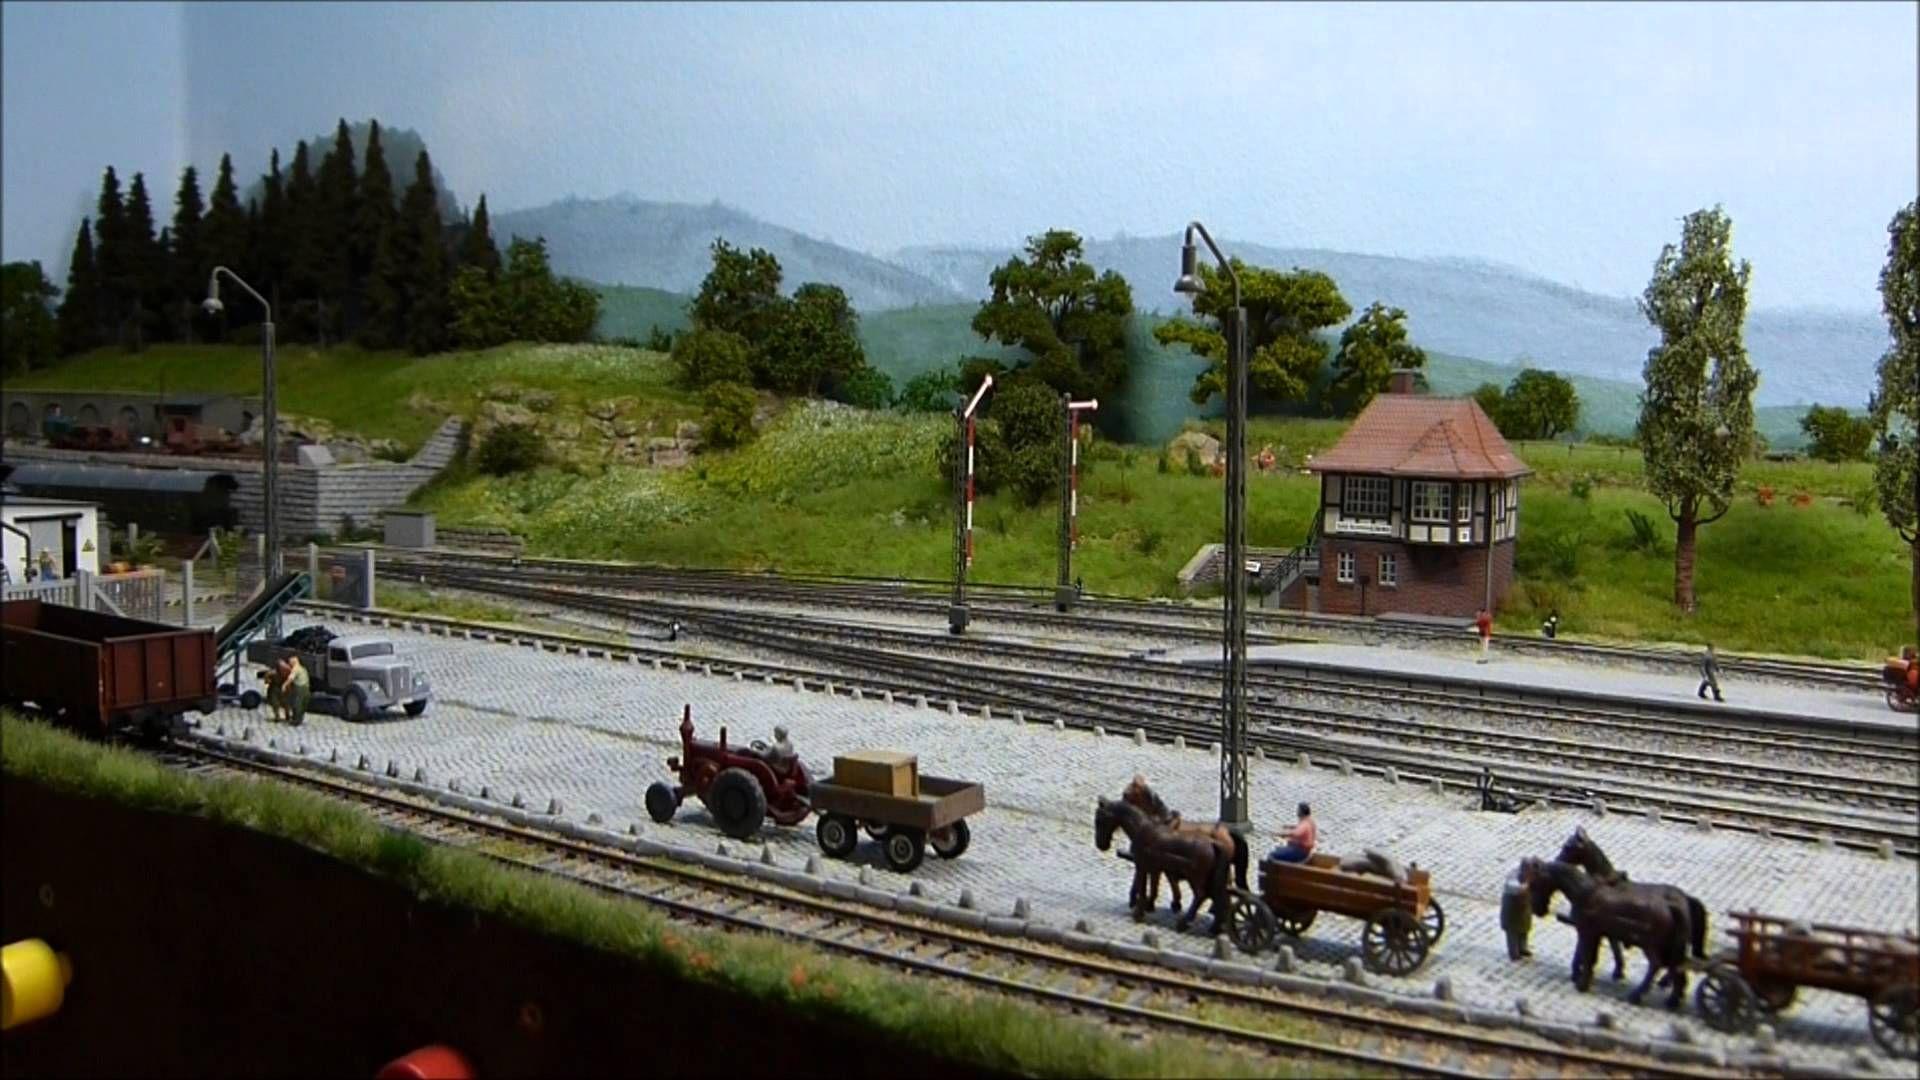 Mein Modellbahn Endbahnhof H0 | modellbahn - Landschaft ...